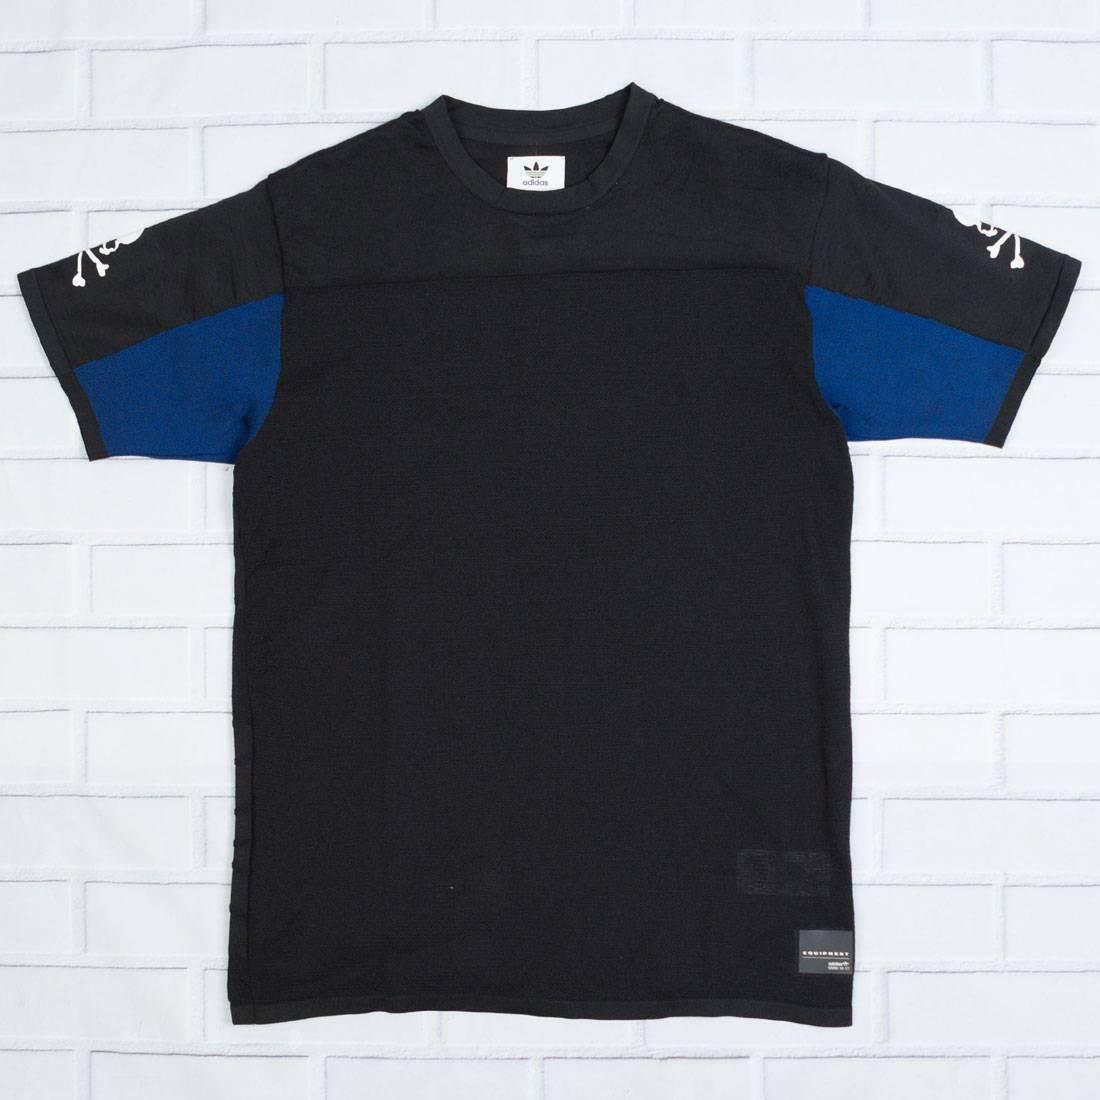 アディダス ADIDAS スリーブ Tシャツ メンズファッション トップス カットソー メンズ 【 X Mastermind World Men Short Sleeve Tee (black) 】 Black